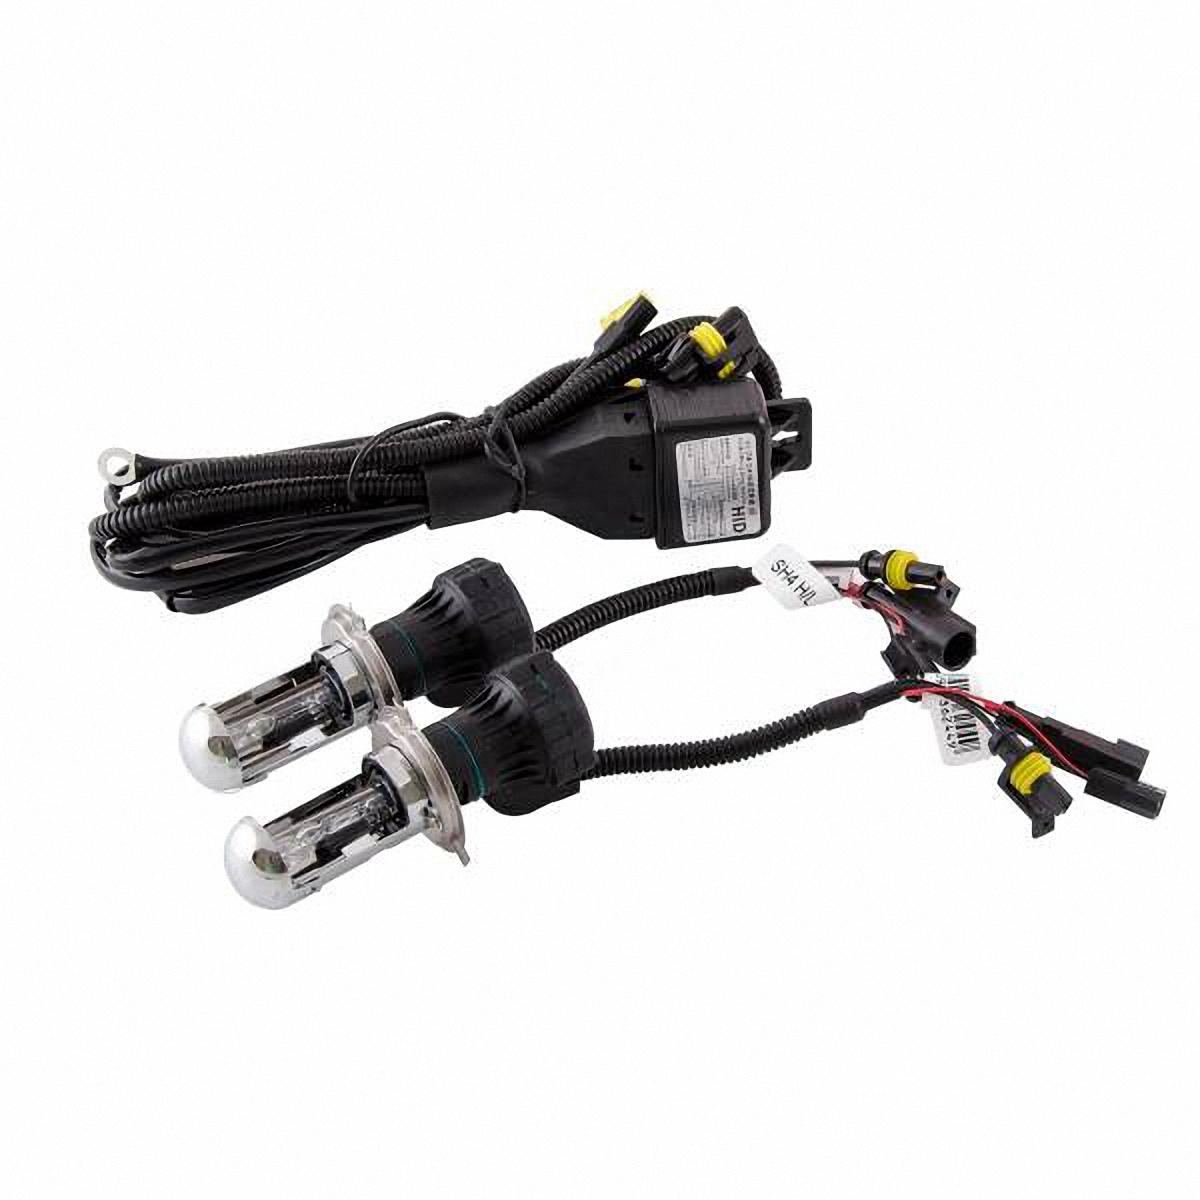 Лампа автомобильная Skyway, биксенон, цоколь H4, 35 Вт, 12 В, 2 шт. SH4 H/L 6000KS03301004Данная биксеноновая лампа под цоколь H4 применяется в автомобилях со световой системой, в которой в одной лампе совмещены ближний и дальний свет (в одной лампе 2 спирали). Автолампа биксенон SKYWAY устойчива к тряскам, имеет продолжительный срок эксплуатации. За счет лучшего освещения дорожной разметки и дорожных знаков, вы будете чувствовать себя уверенно в плохих погодных условиях и в темное время суток. А мягкий бело-желтый свет лампы не ослепляет водителей встречного потока автомобилей.Особенности: Защита от короткого замыкания, перенапряжения, низкого напряжения Комплект предназначен для установки в посадочные места галогеновых автомобильных ламп Упрощенная инсталляция на любой автомобиль без замены штатной проводки Колба лампы изготовлена из кварцевого стекла Водонепроницаемый корпус Короткое время розжига Характеристики: Цветовая температура: 6000К Цоколь: Н4 Мощность: 35 Вт Напряжение: 12В Комплектация: Лампа газоразрядная биксеноновая - 2 шт. Провод питания - 1 шт. Гарантийный талон - 1 шт.